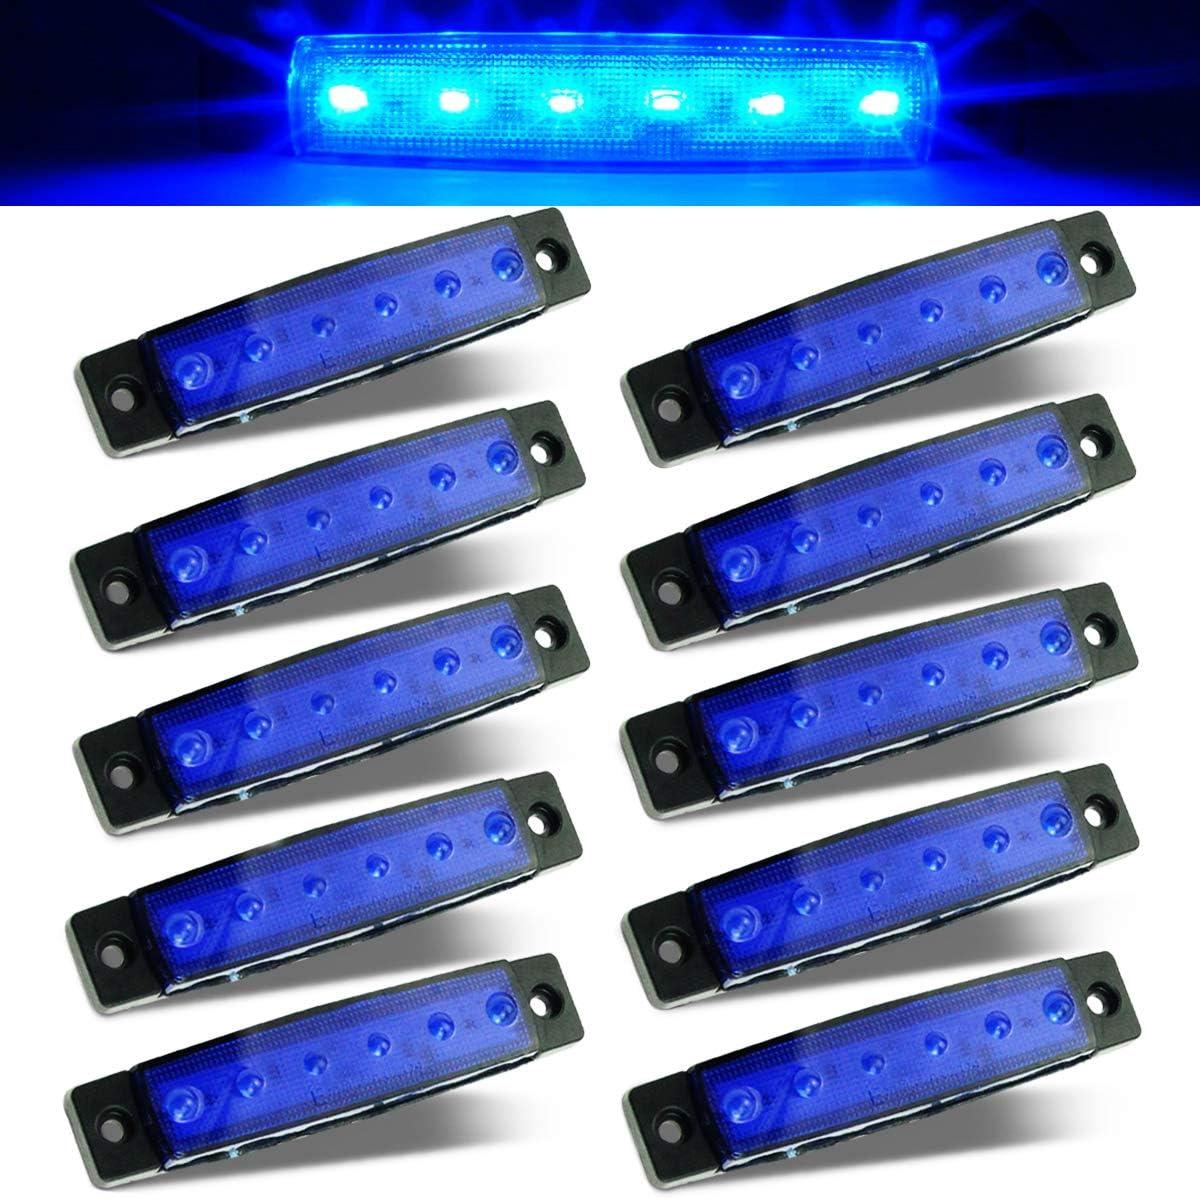 """Leadrise 3.8""""10 Pcs 6 LED Blue Boat Deck Courtesy Light Side Trailer Marker Lights Sealed 12V Thin Line Led Cab Marker for Waterproof Boat Navigation Kayak Light Truck Bus Trailer Light Lamp: Automotive"""